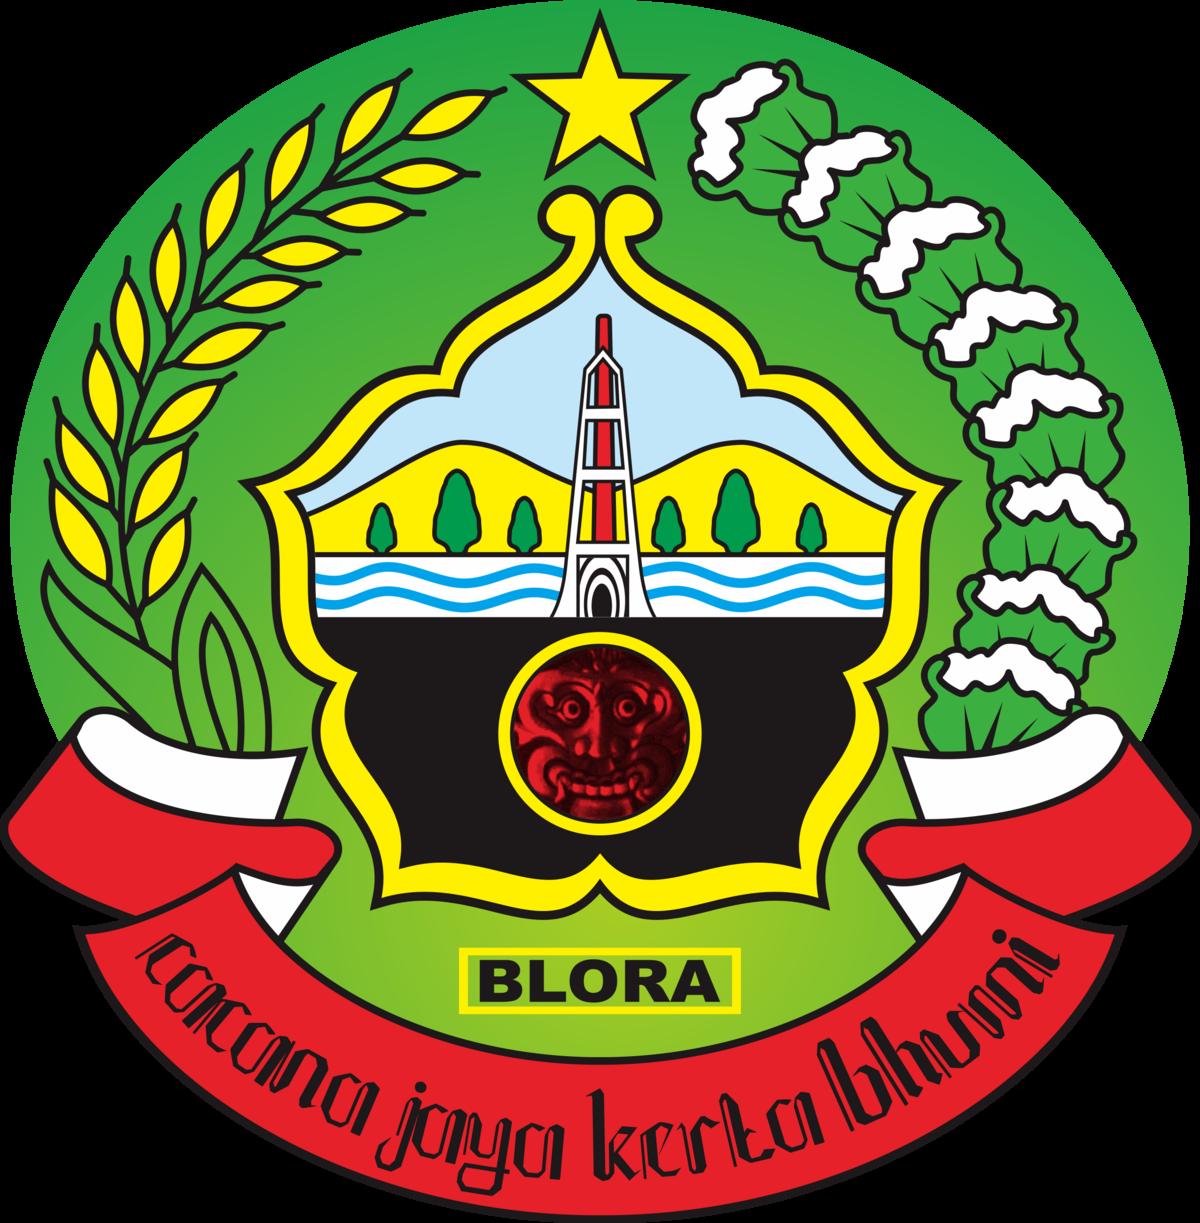 Kabupaten Blora Wikipedia Bahasa Indonesia Ensiklopedia Bebas Kampung Bluron Kab